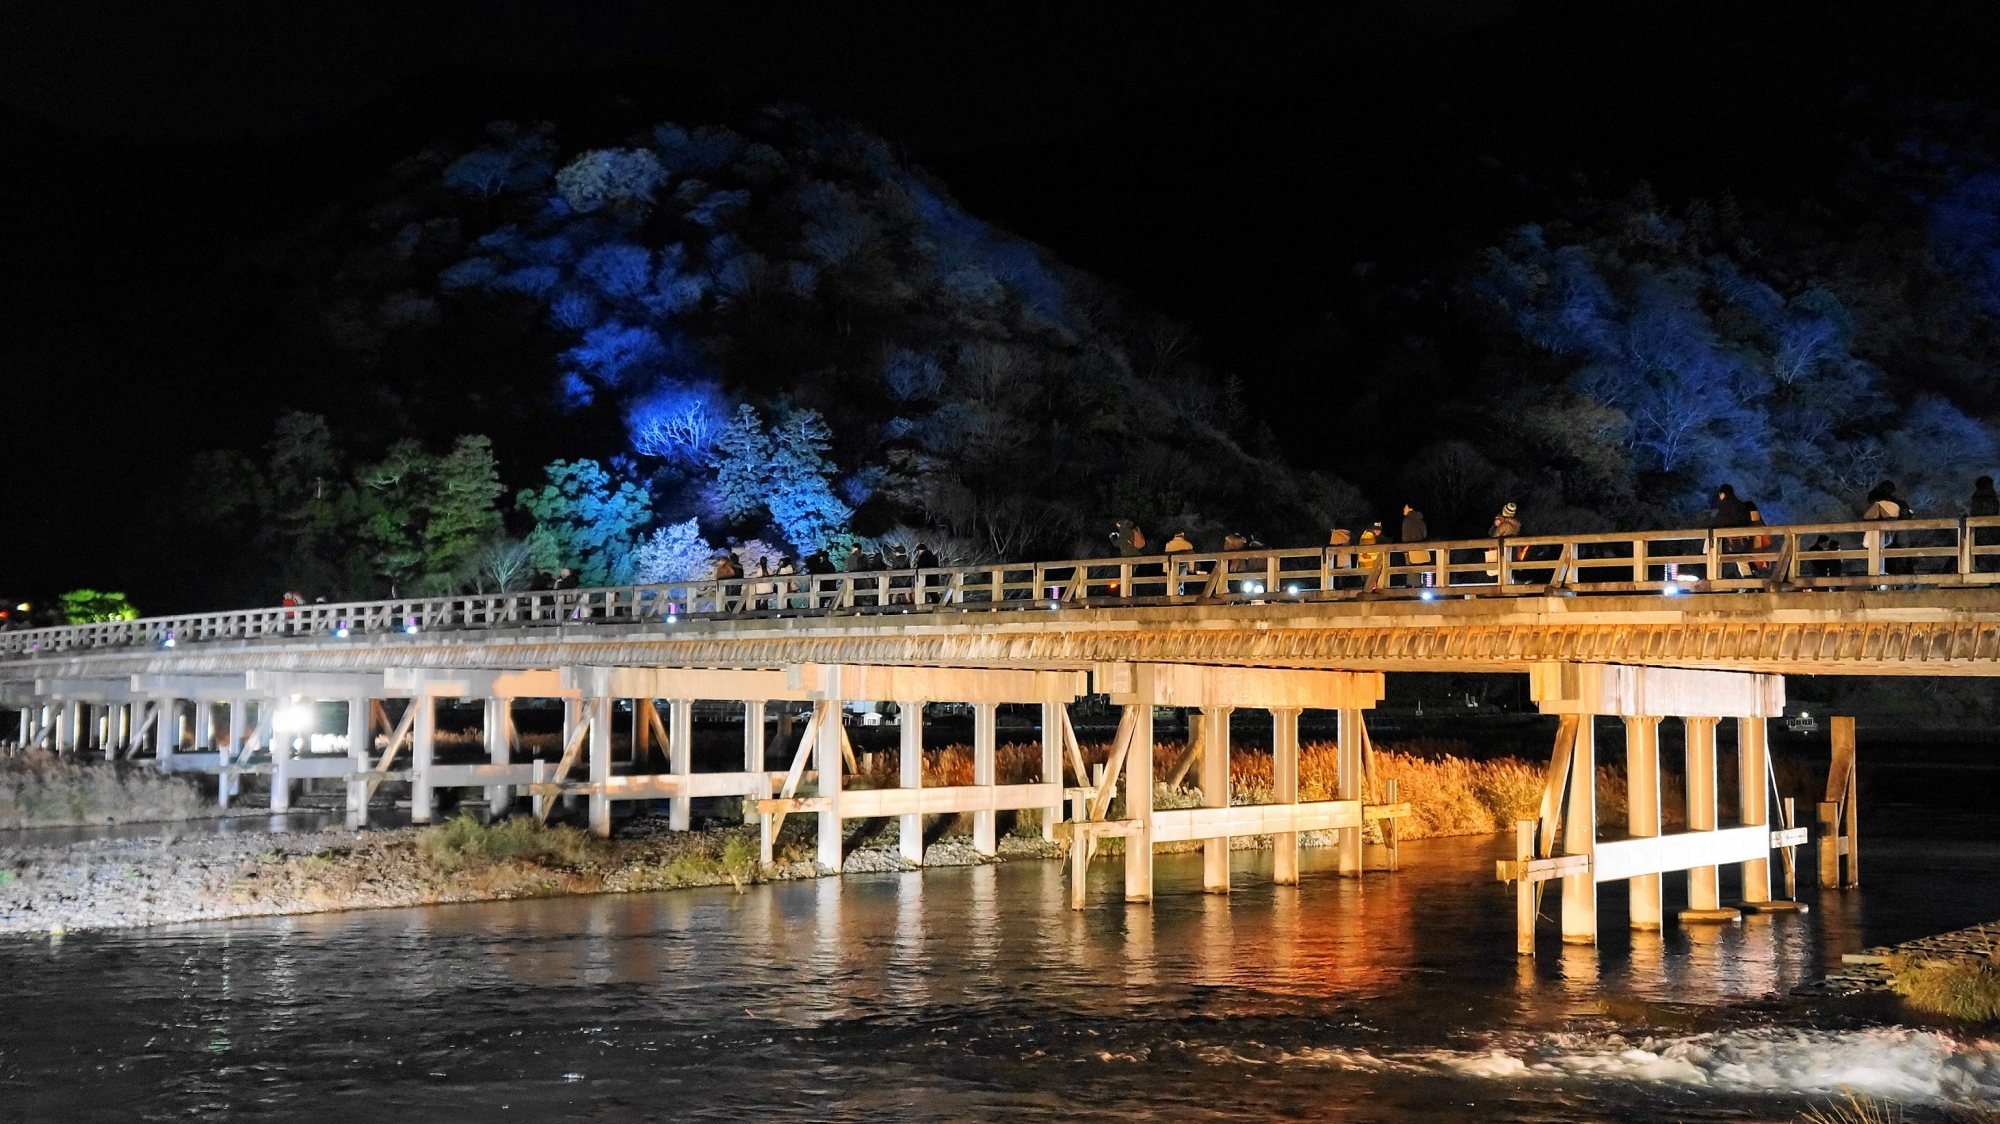 嵐山花灯路の嵐山・渡月橋ライトアップ